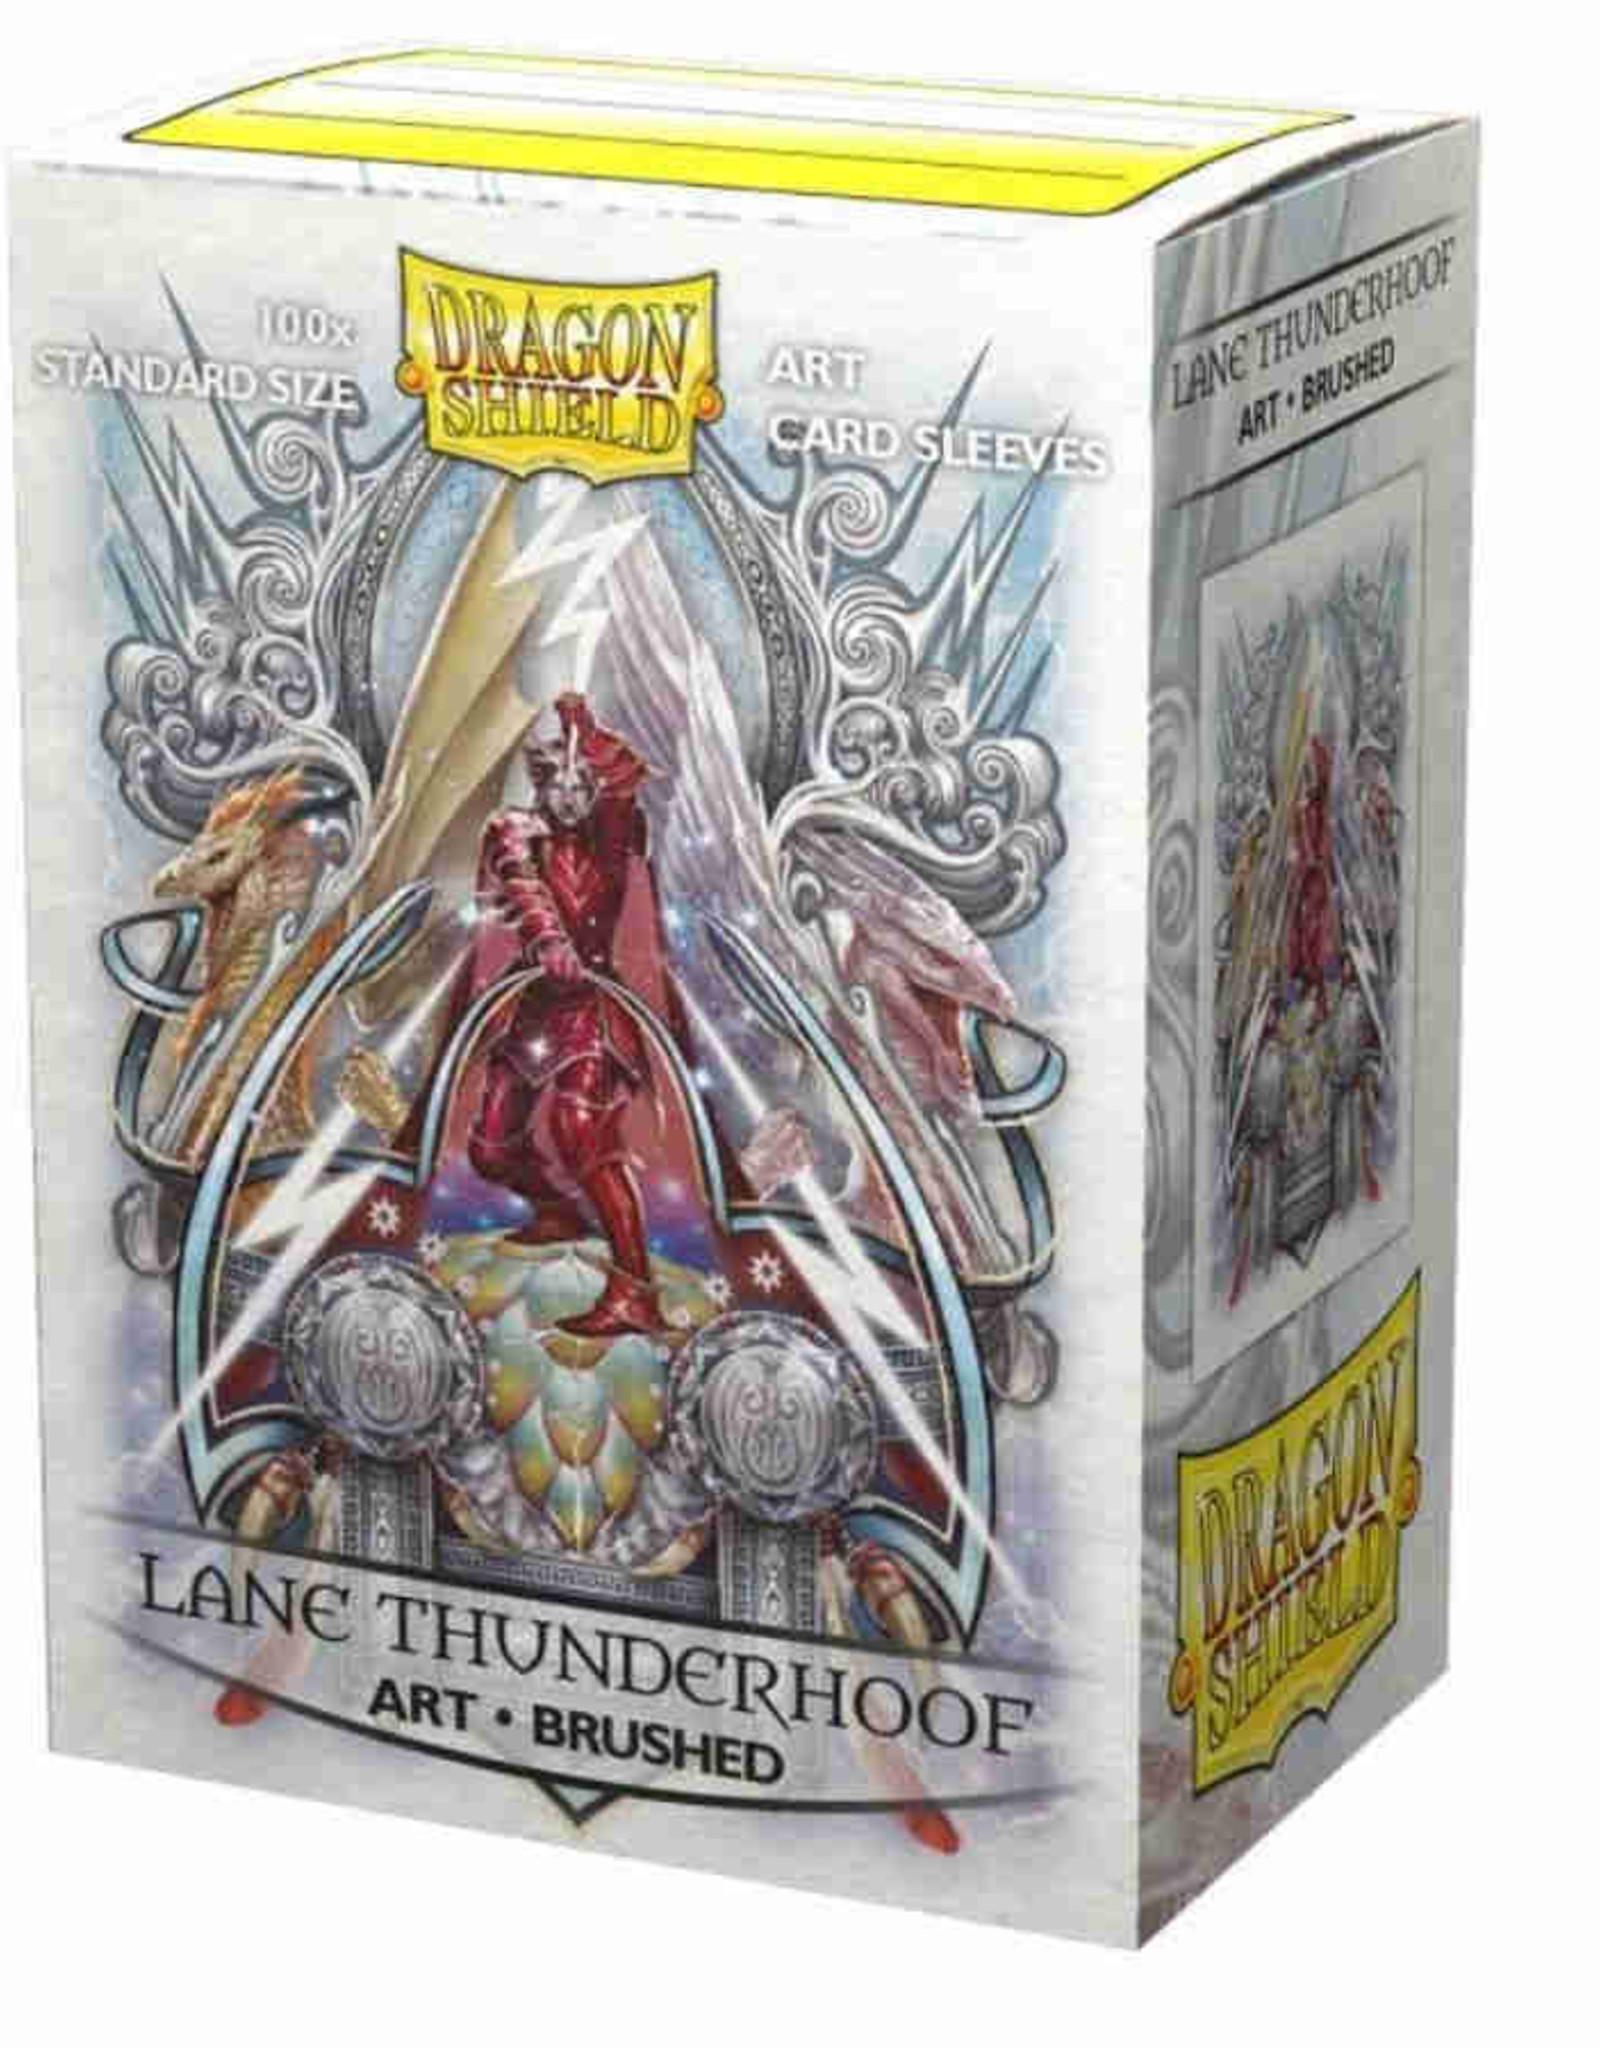 Dragon Shield Art Brushed Lane Thunderhoof